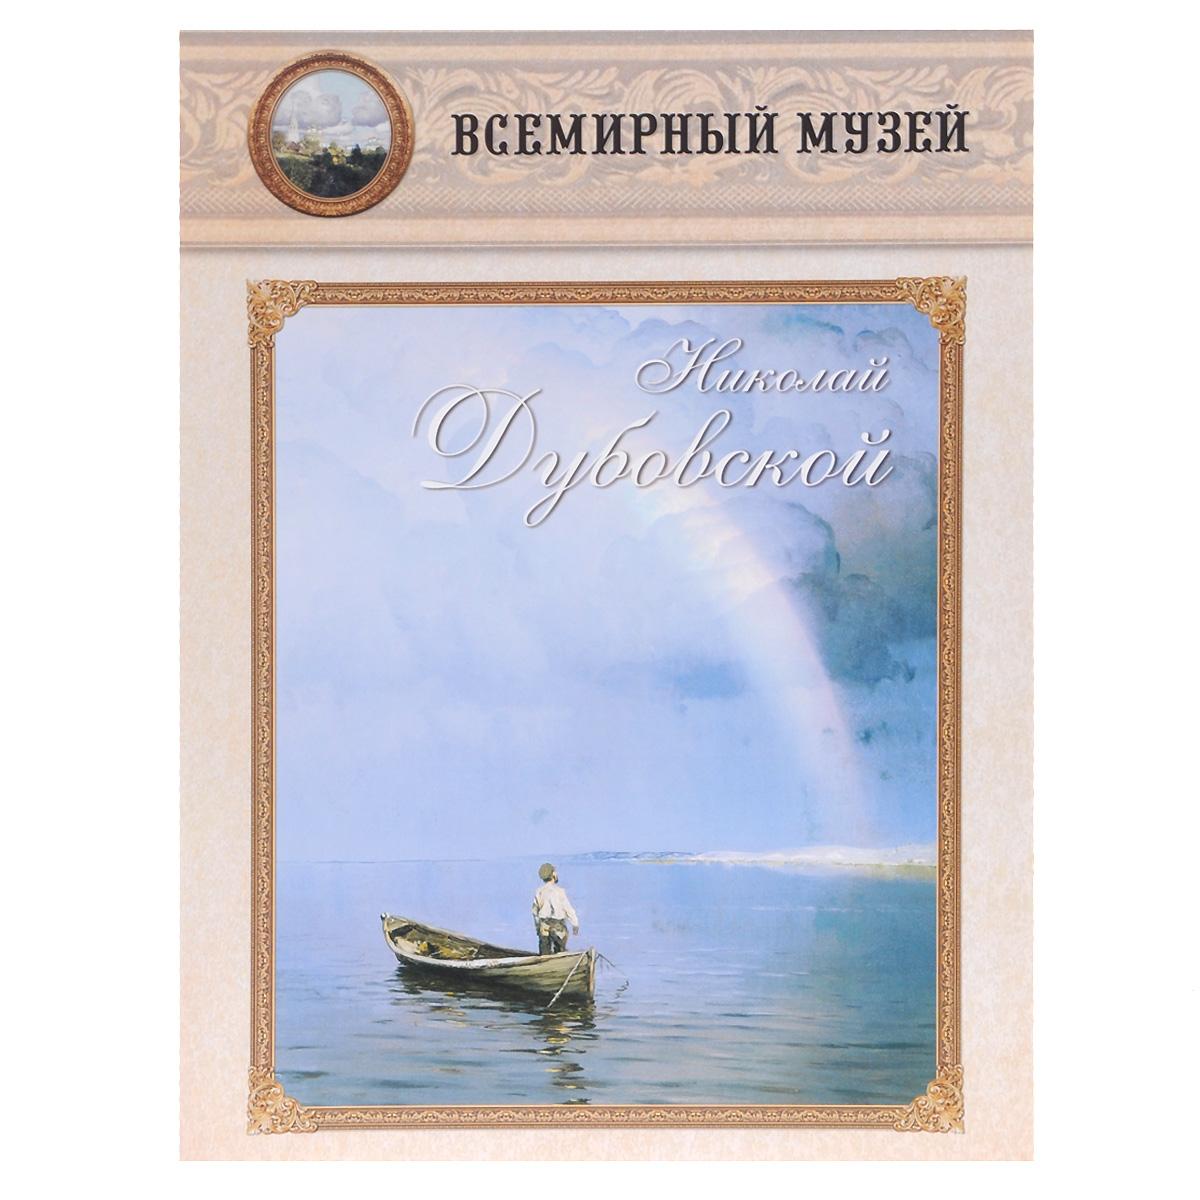 Николай Дубовской симбитер для ребенка в киеве